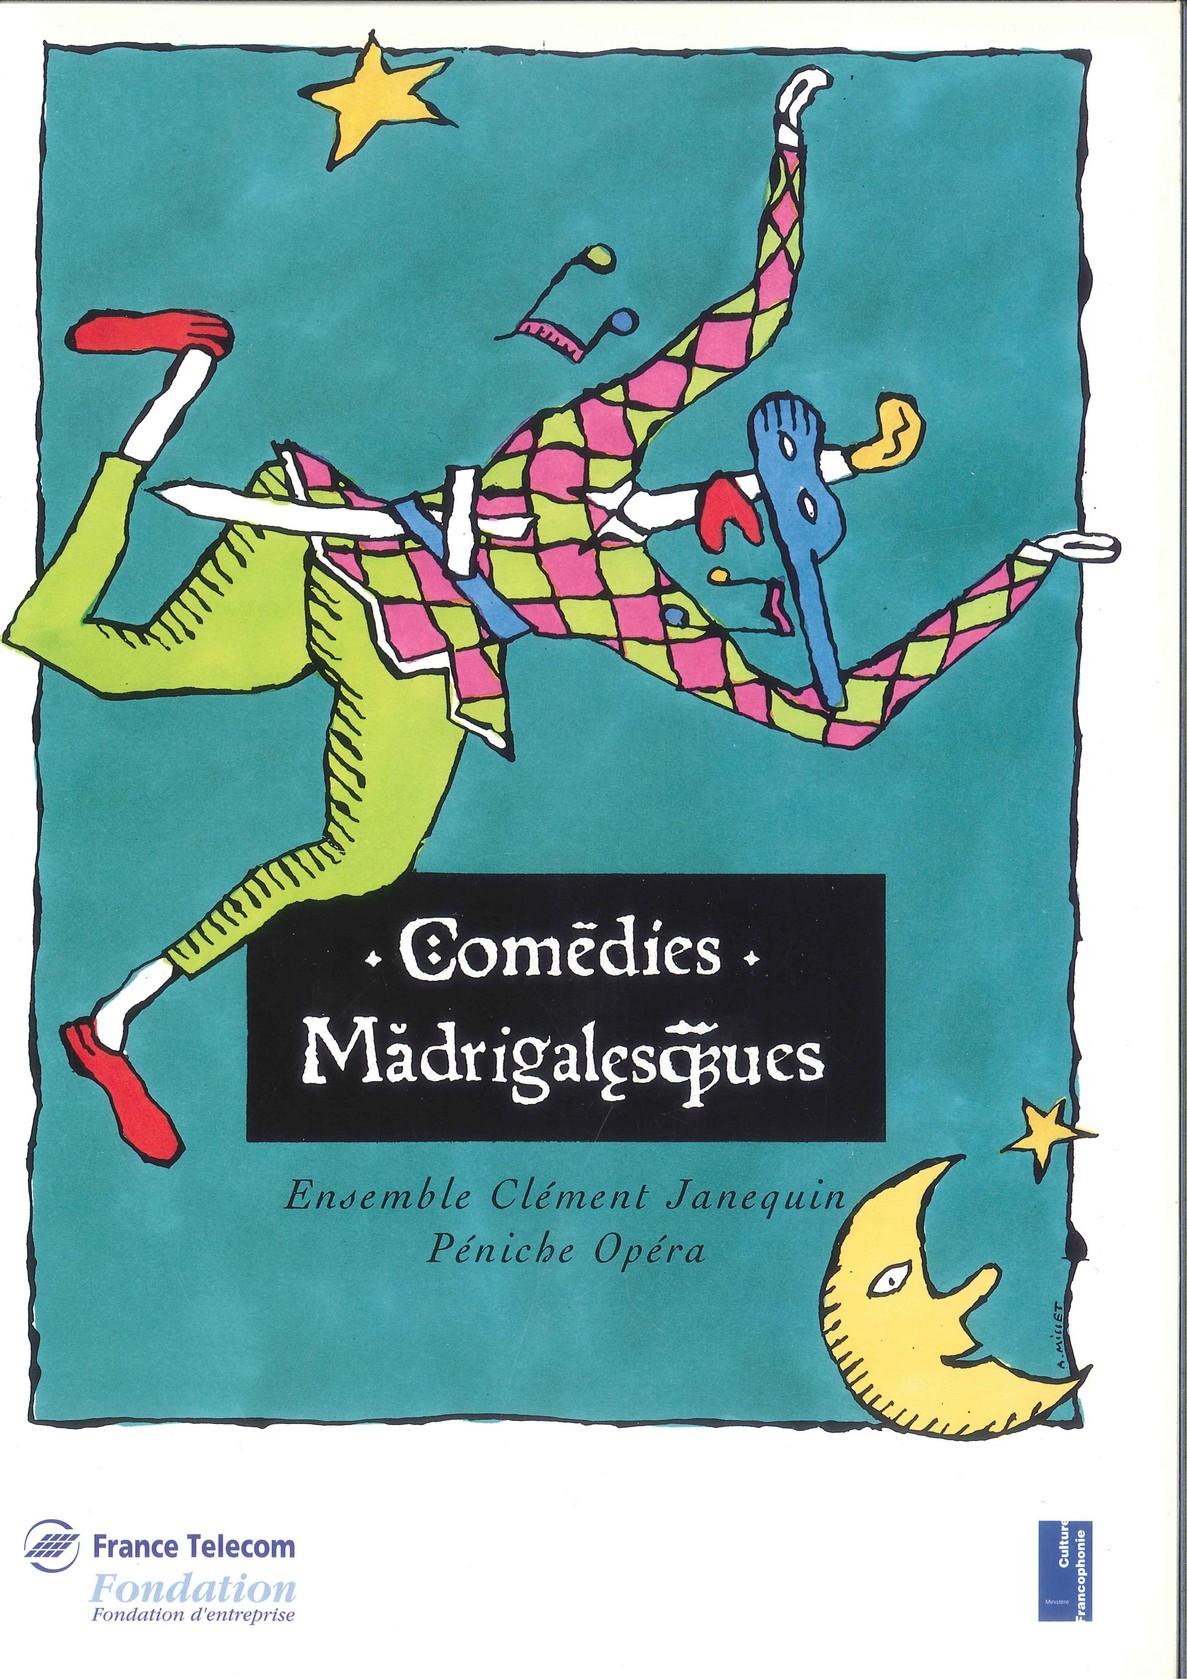 Les Comédies Madrigalesques